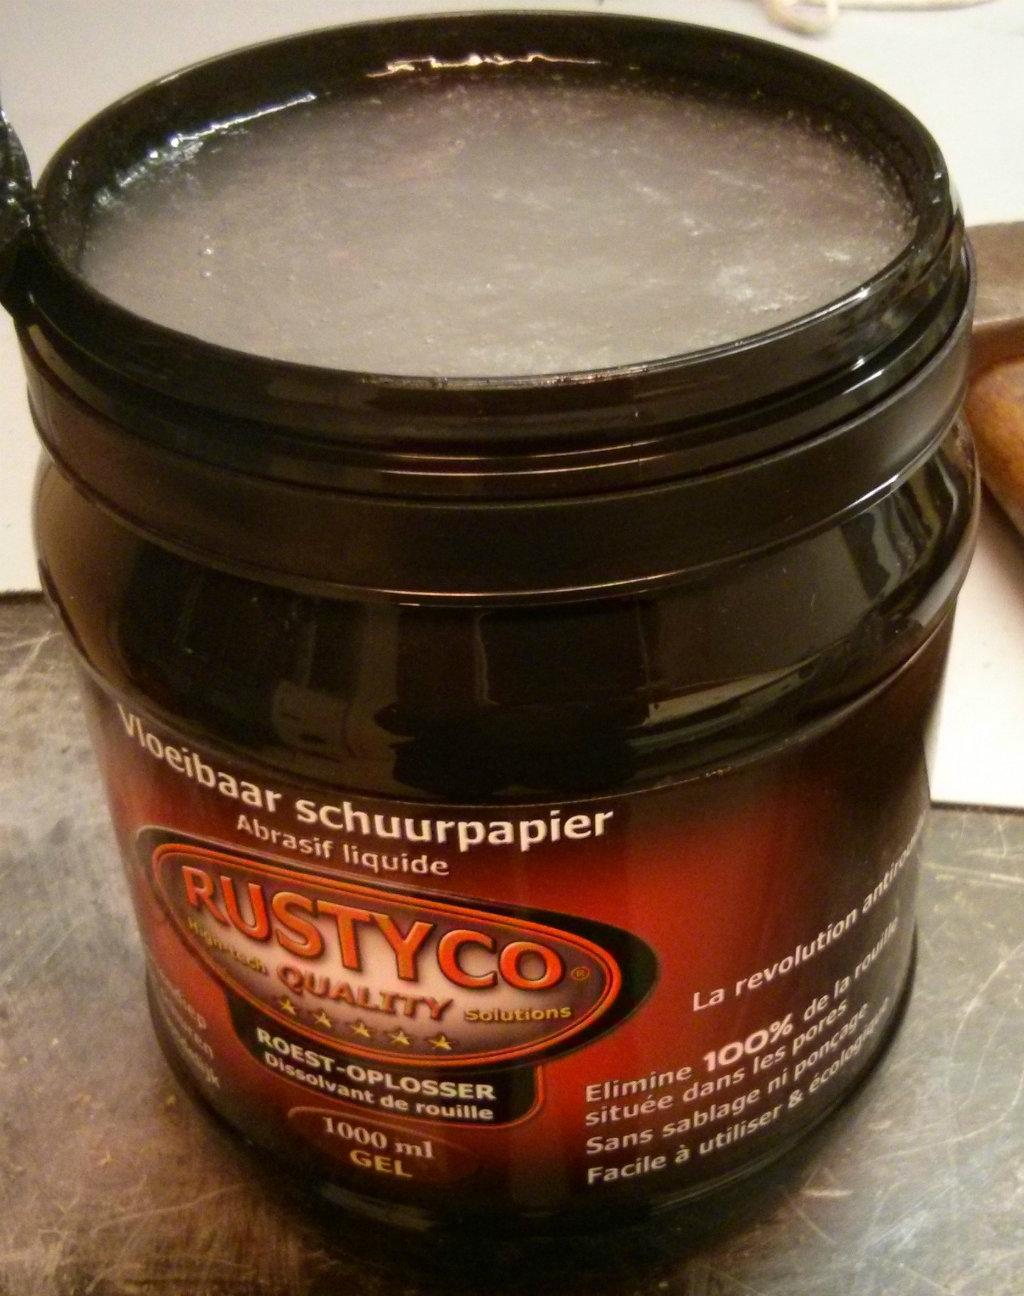 Rustyco gel roestverwijderaar 1 liter